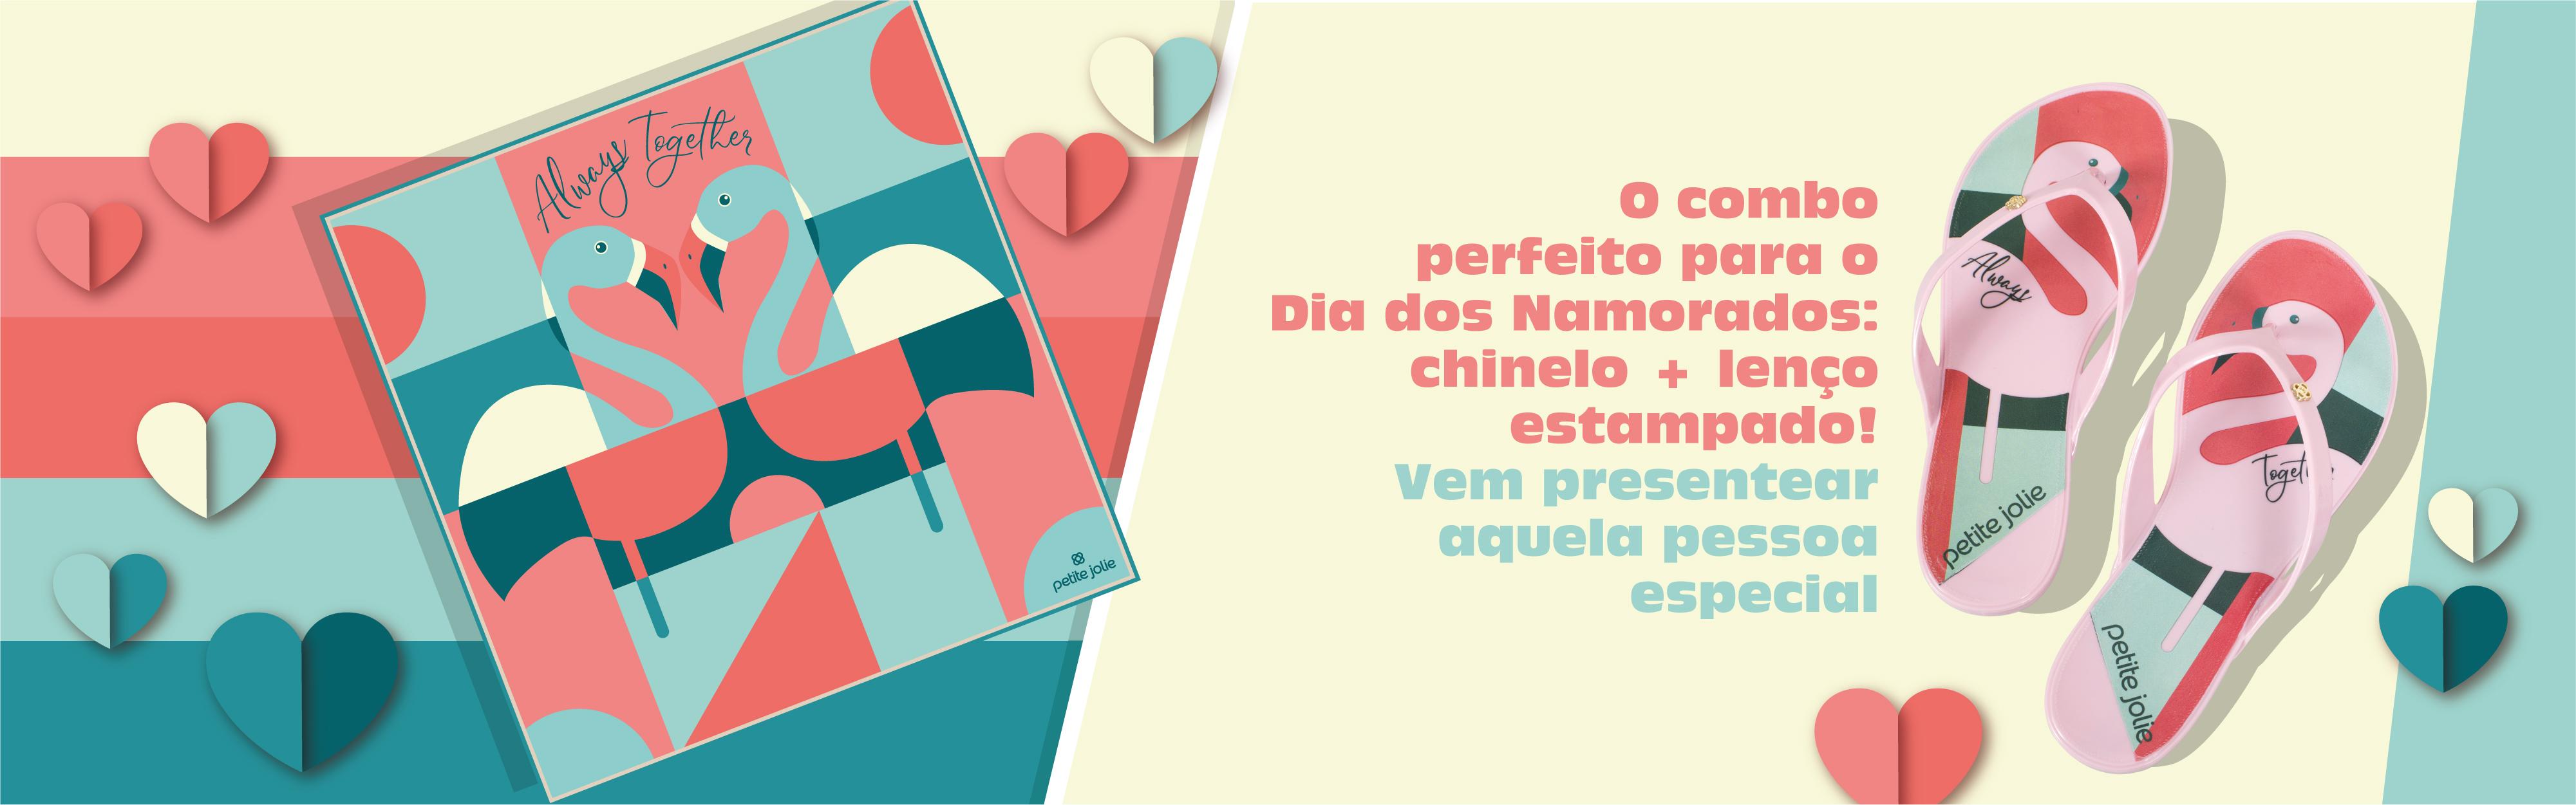 Banner Namorados 1